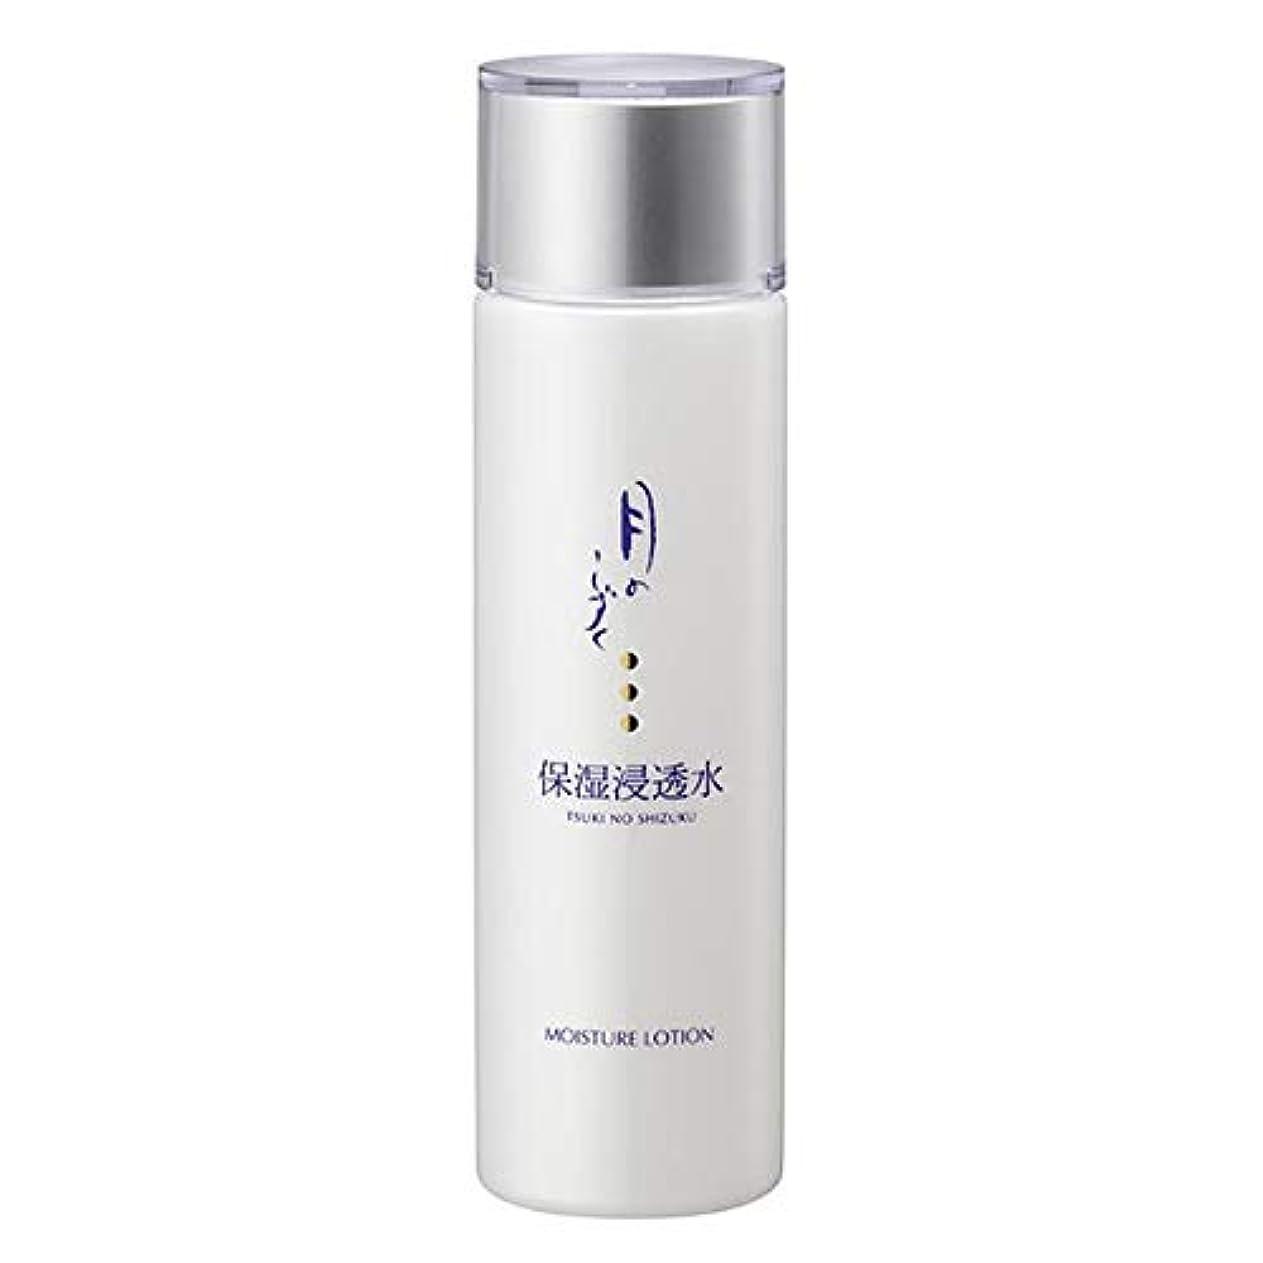 表面的な競う批判的にゆの里温泉 月のしずく化粧品 月のしずく保湿浸透水 (保湿化粧水)